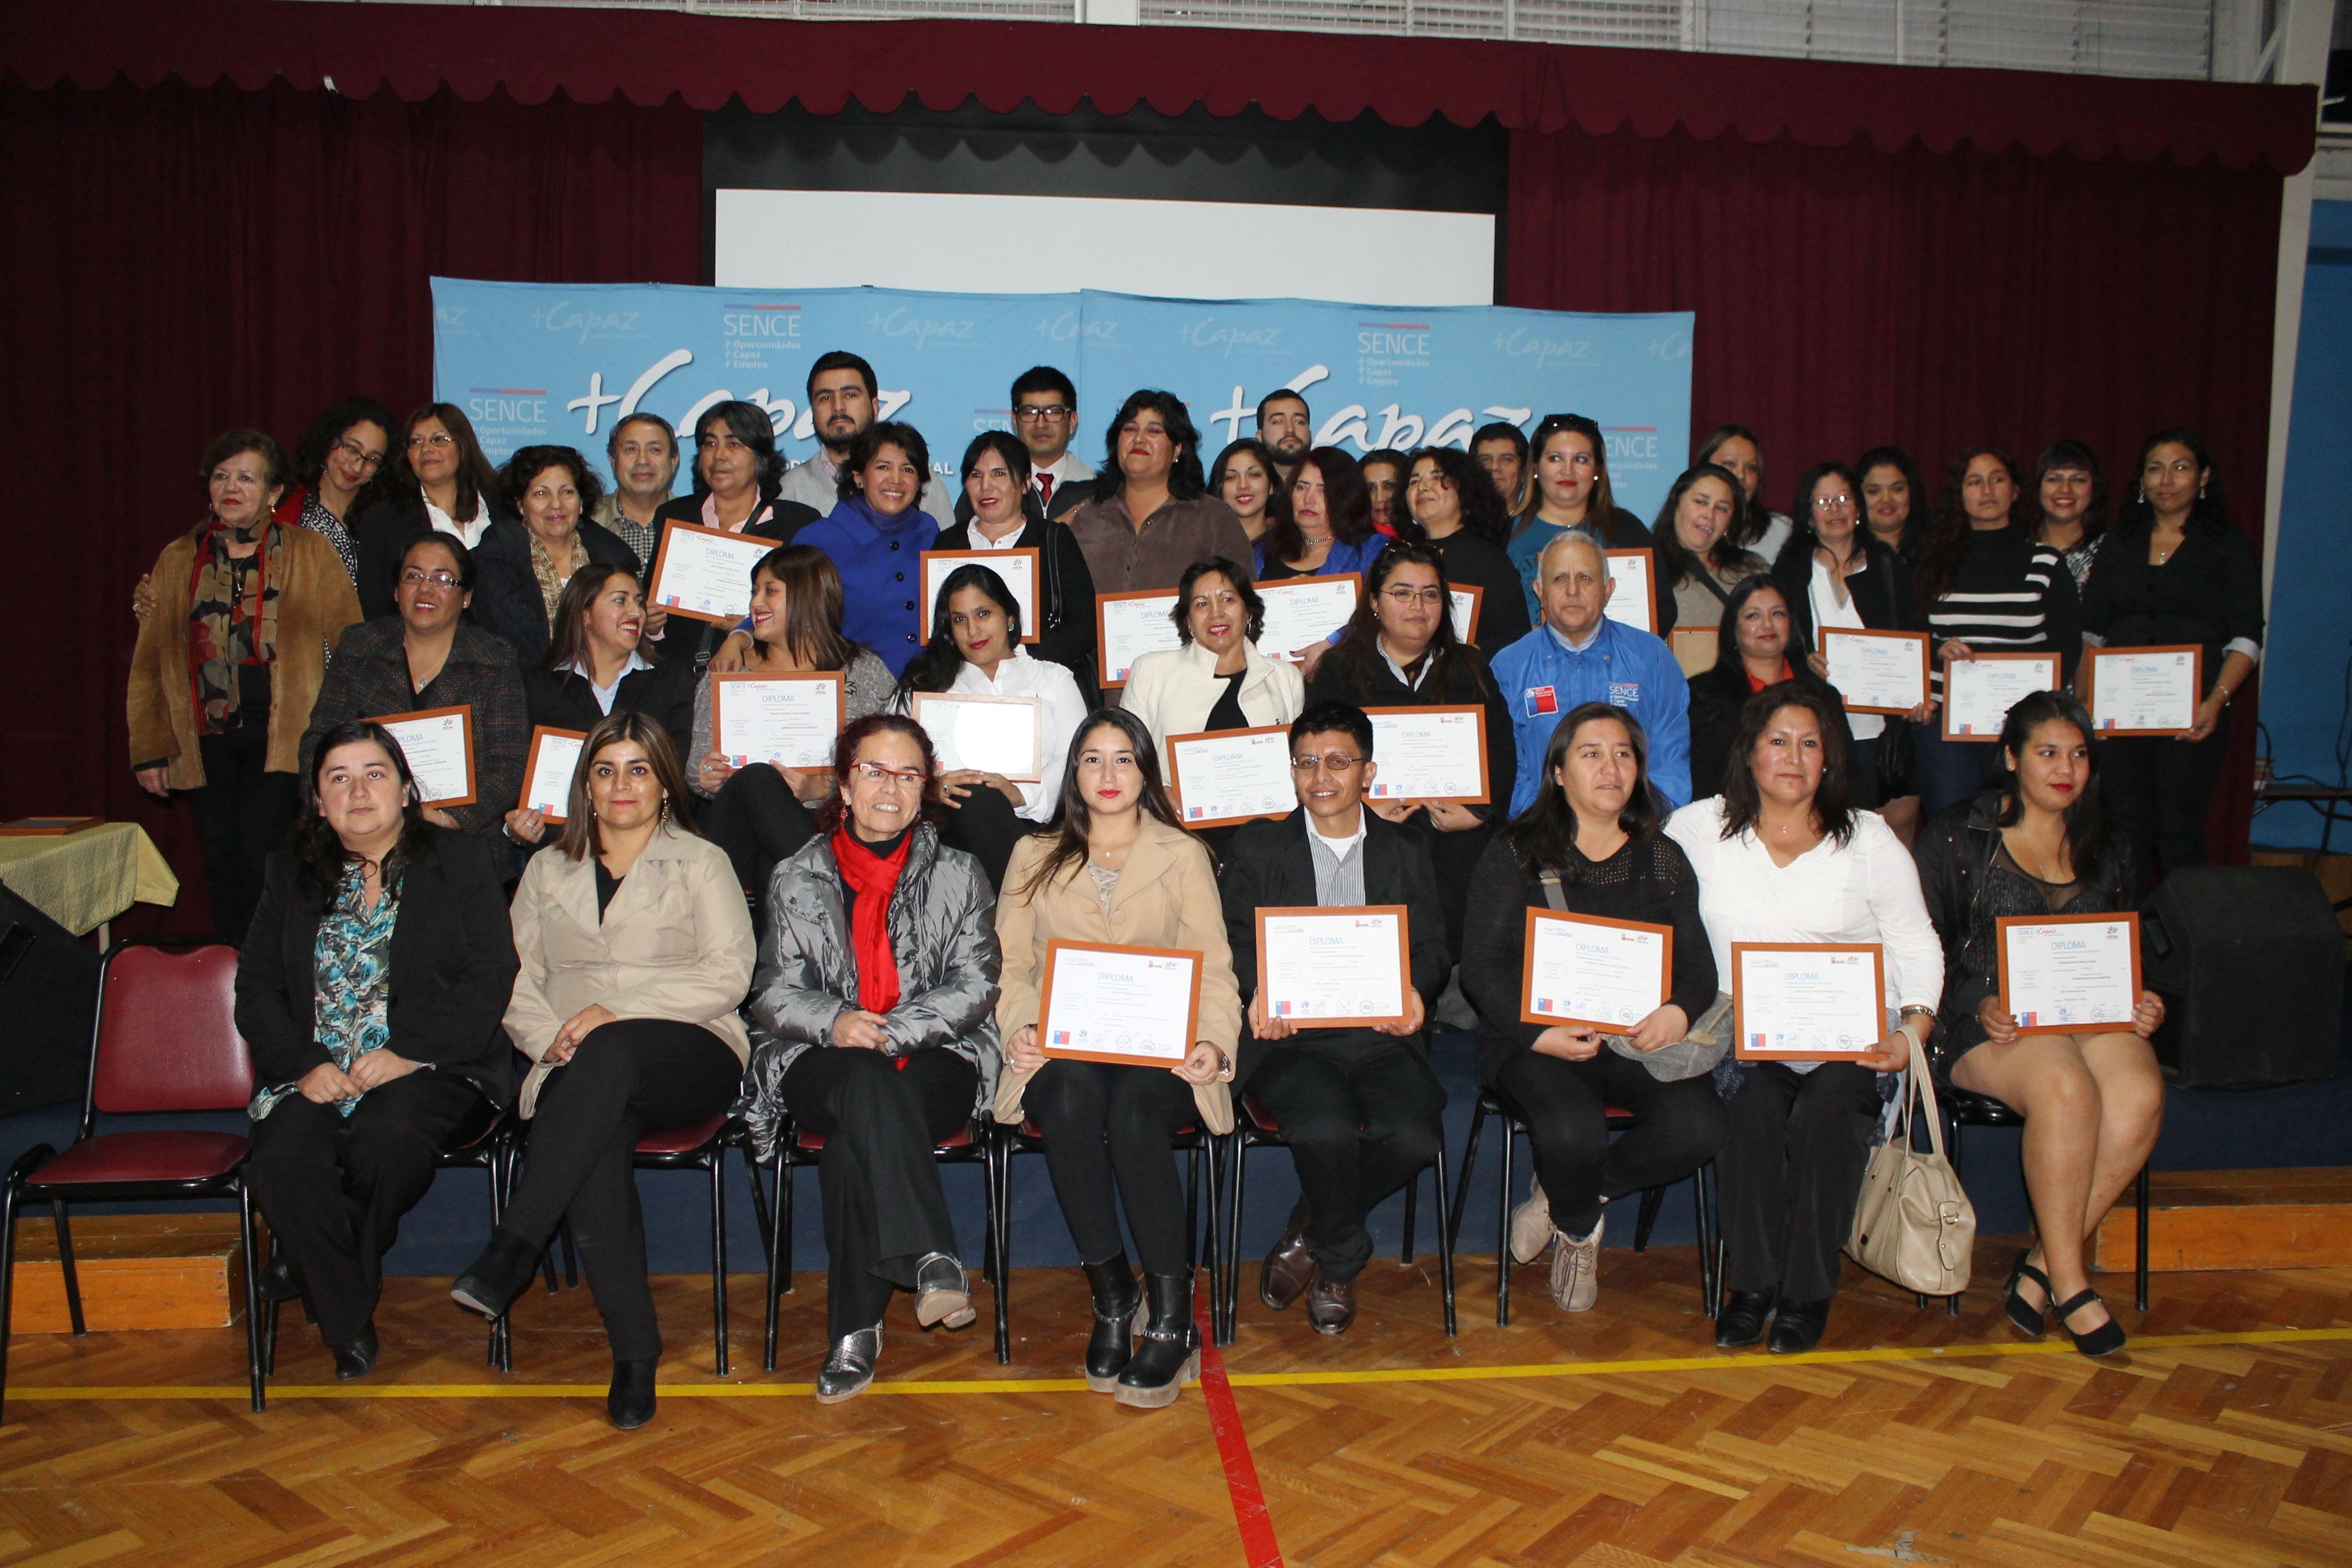 Sence certificó a 21 egresados de manipulación de alimentos del programa +Capaz en Vallenar